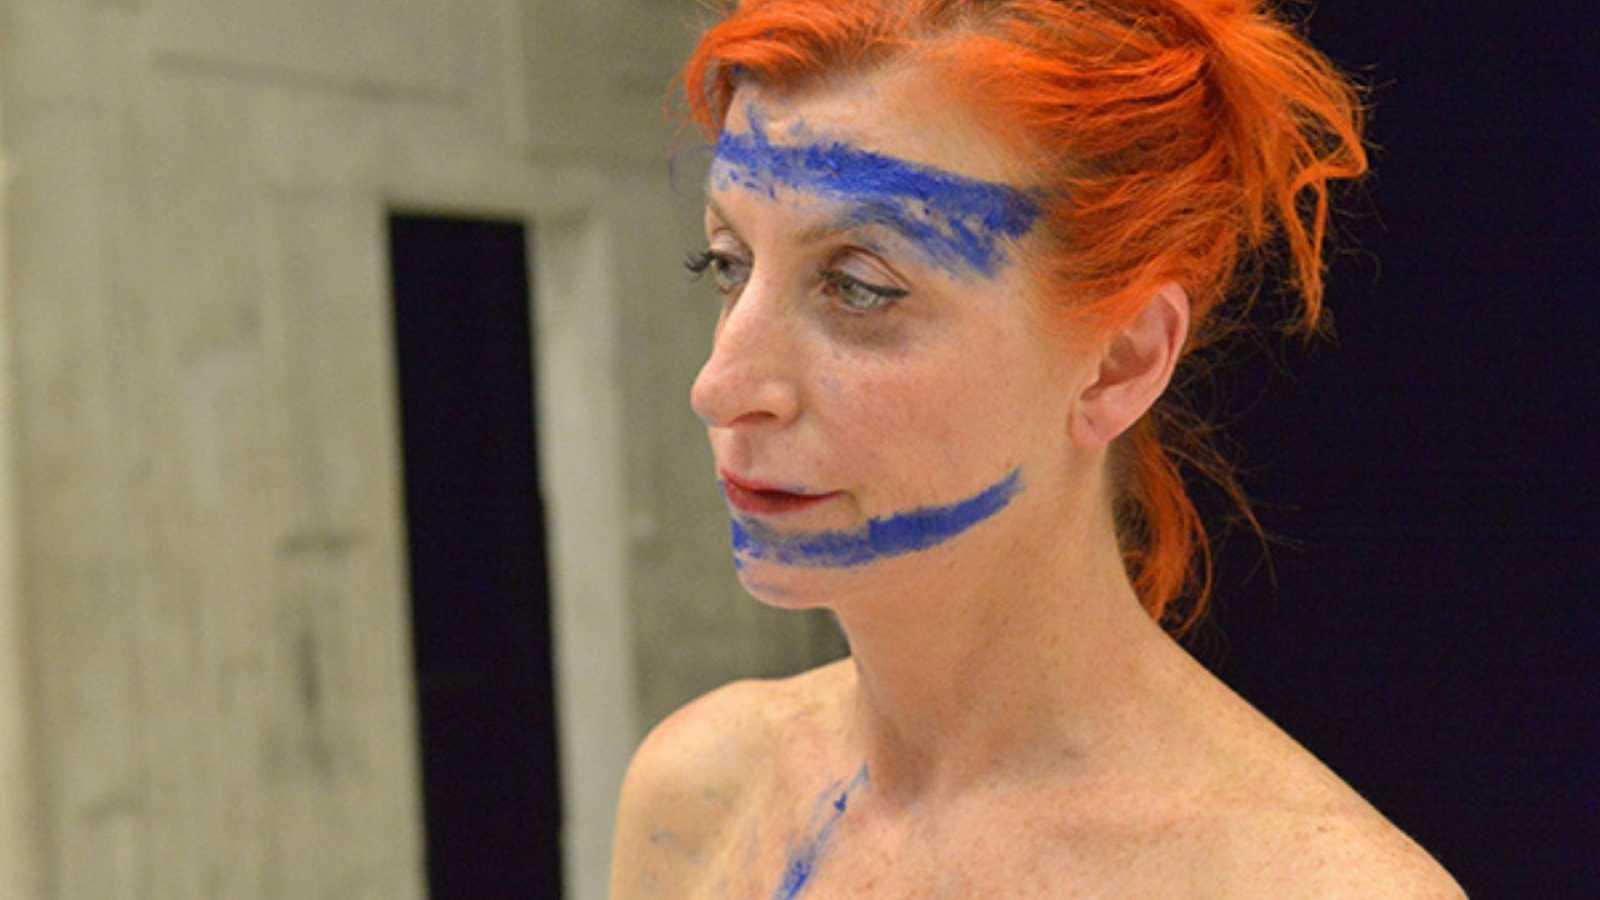 El ojo crítico - La Ribot, danza desencorsetada - 09/10/20 - escuchar ahora